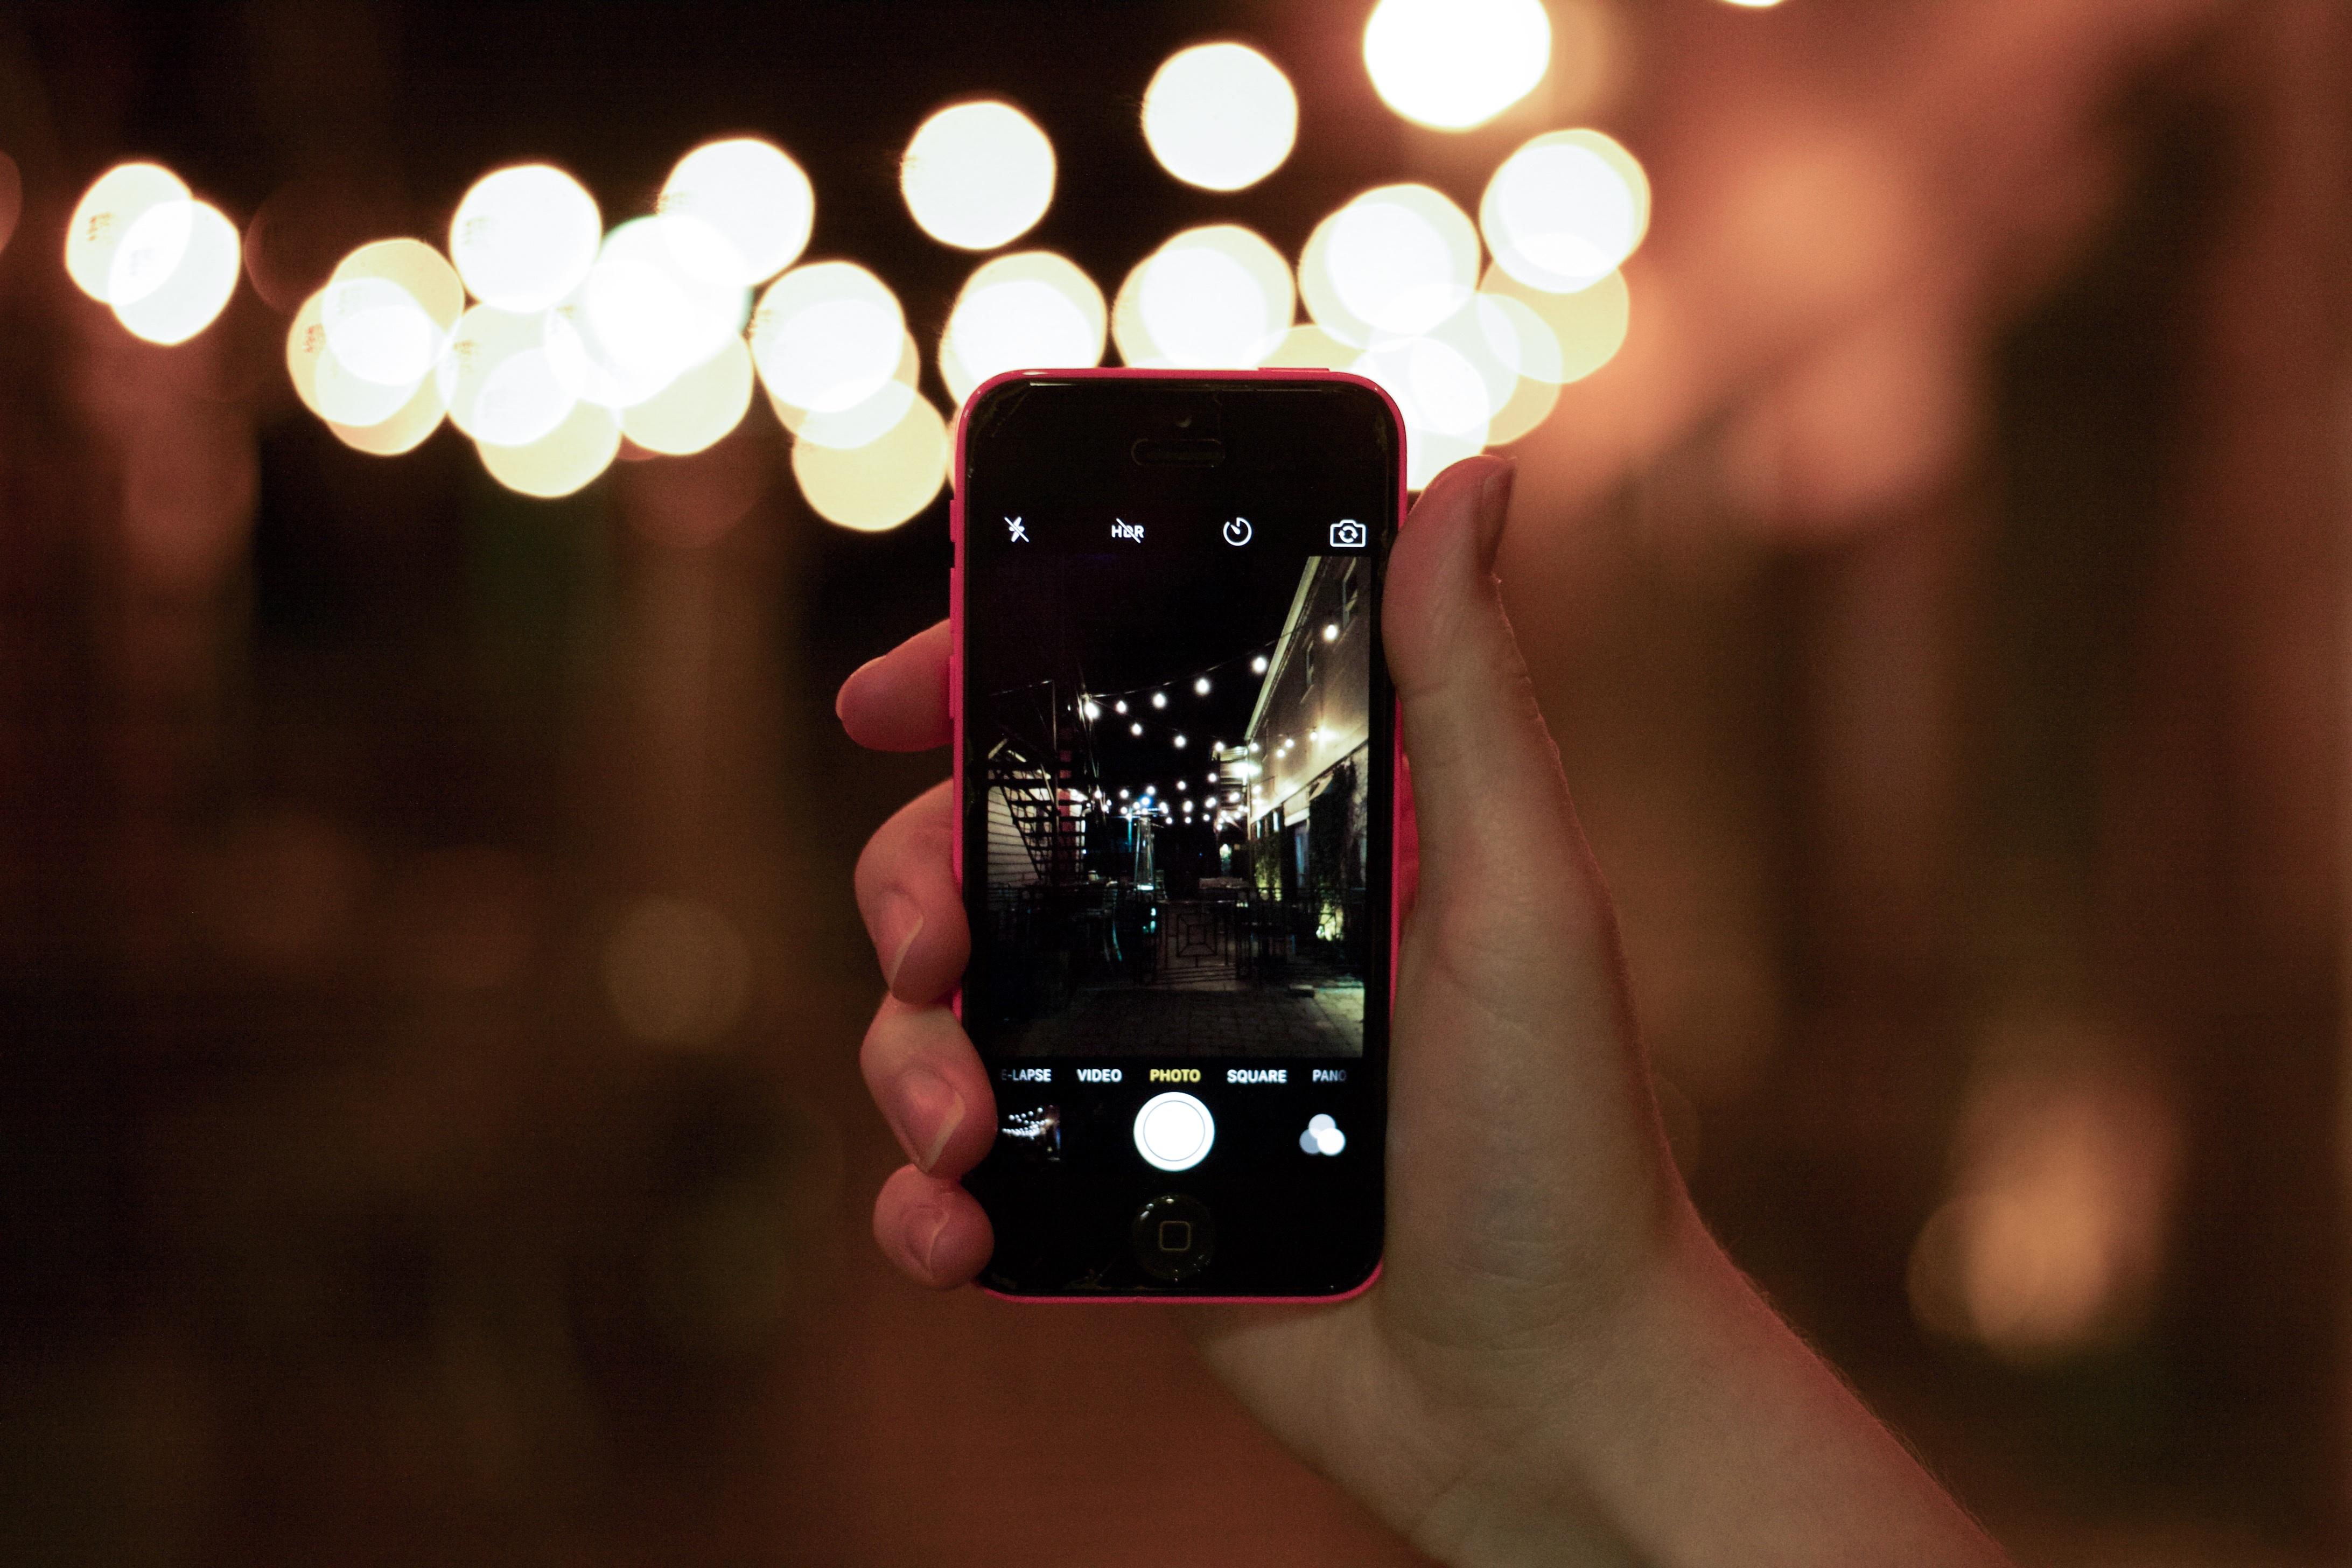 том, почему получаются темные фотографии на смартфоне исполнит все